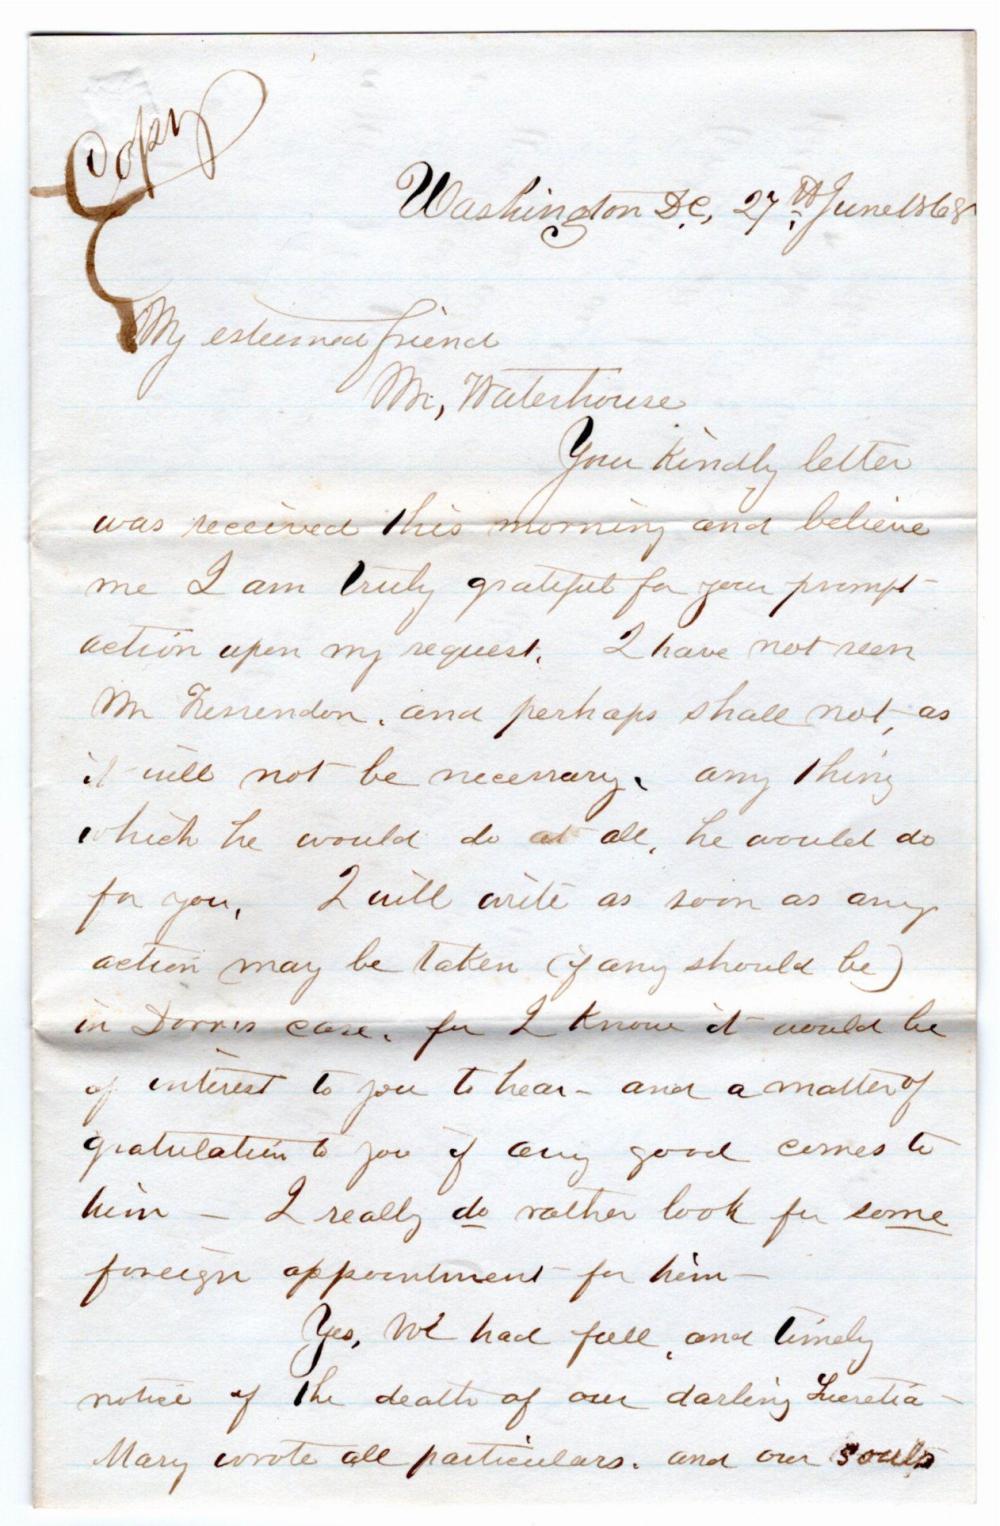 Clara Barton Concerning Prisoner at Andersonville, With Her manuscript Poem